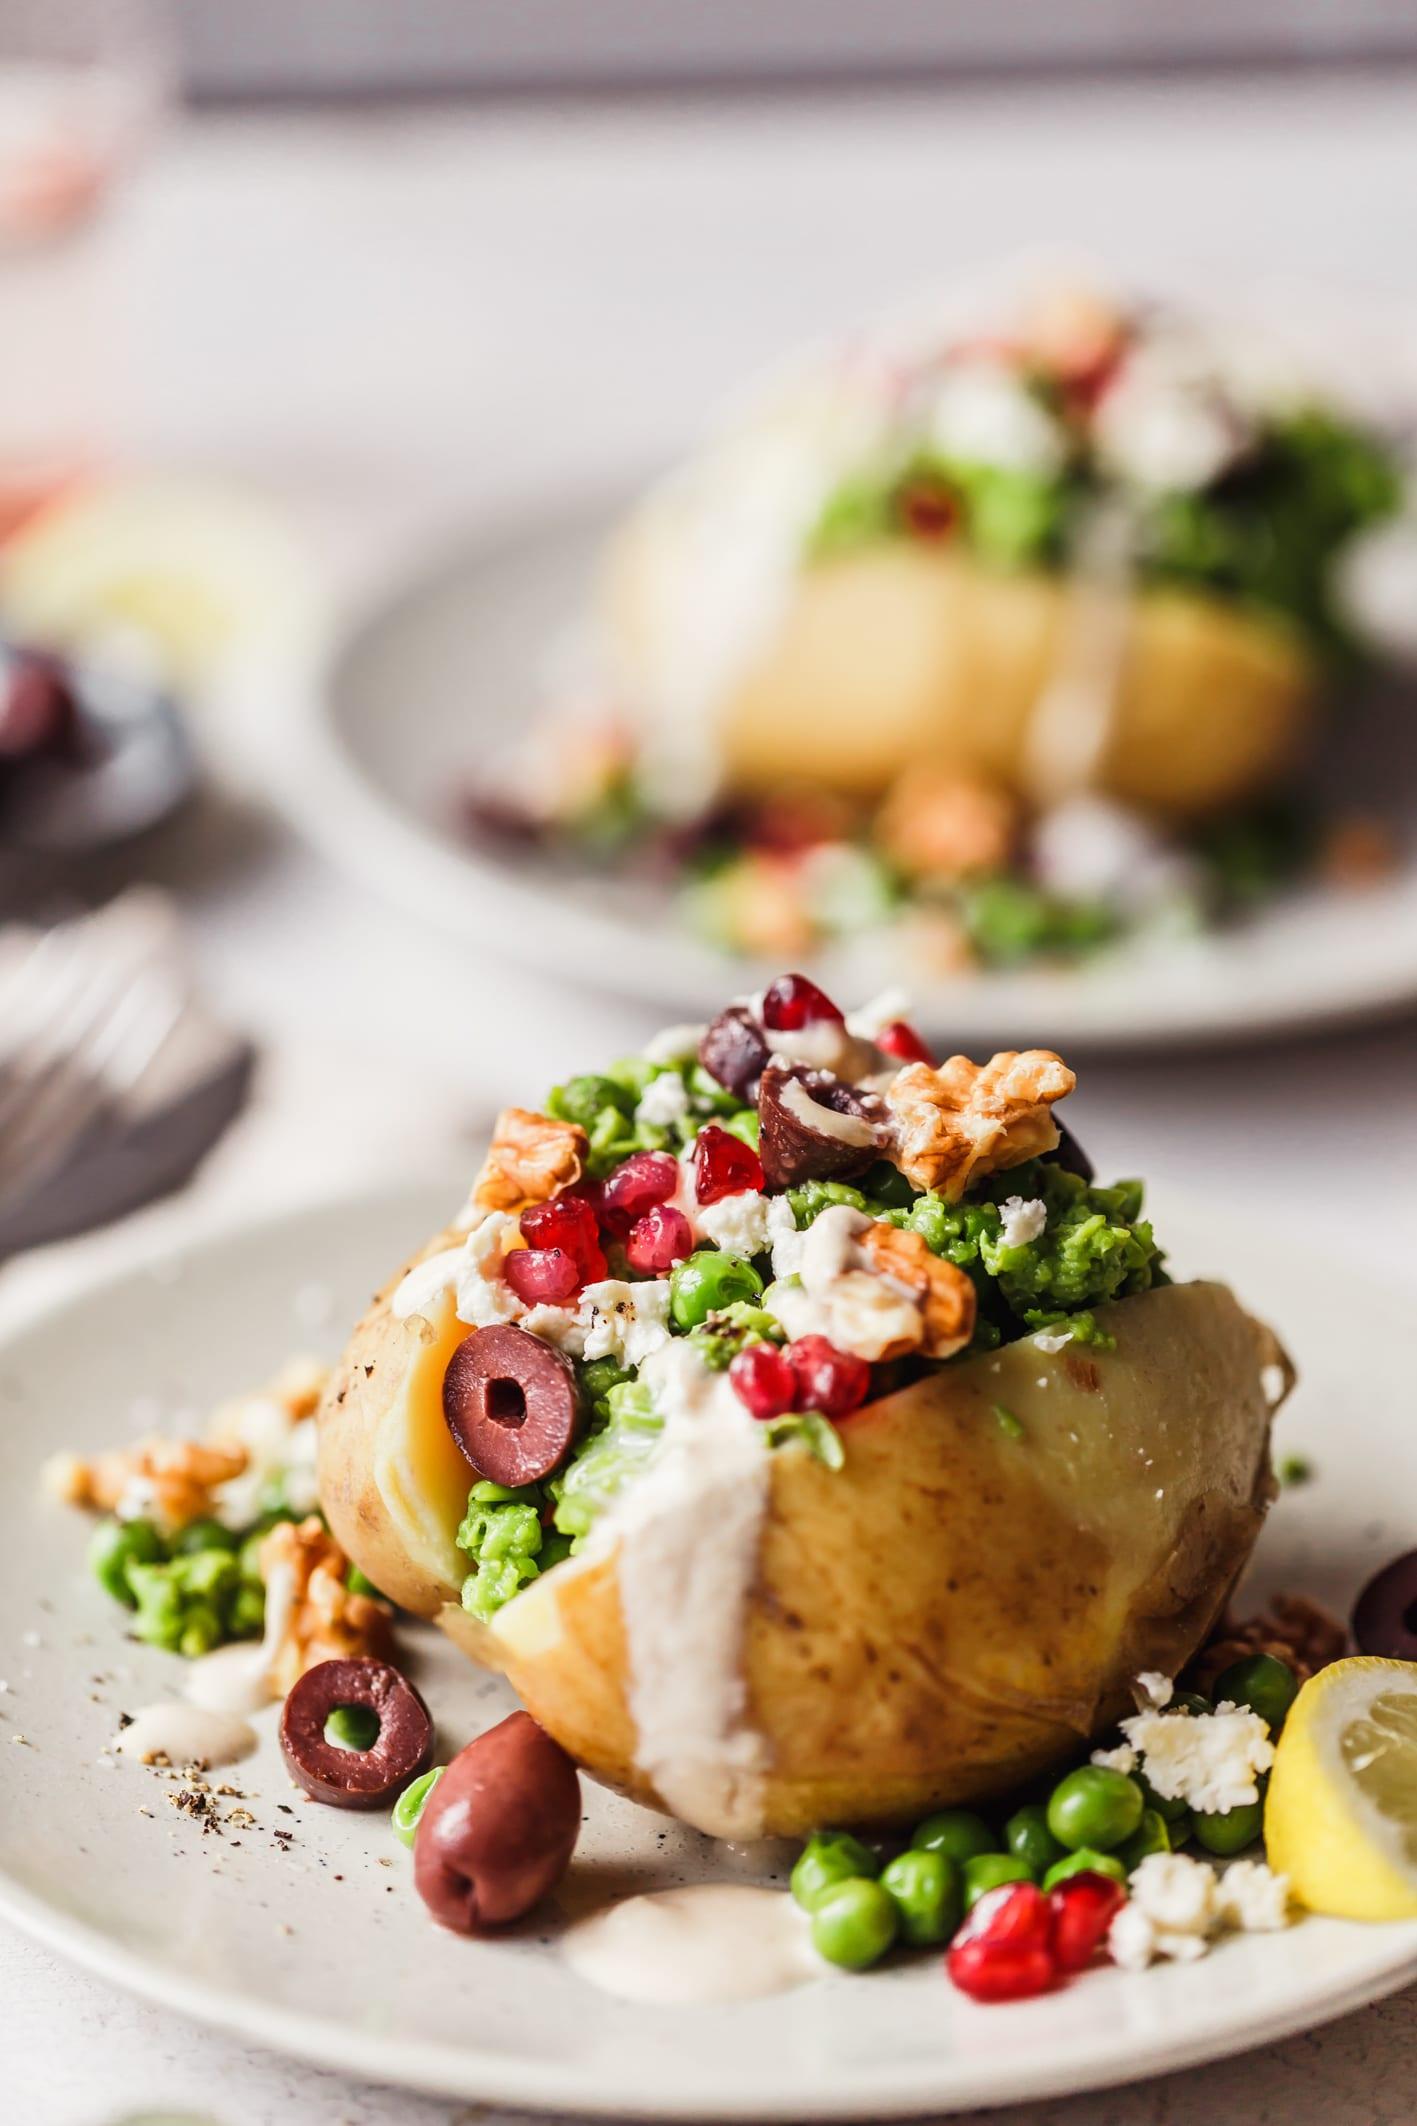 Köstliche Ofenkartoffel gefüllt mit Erbsenpüree und Feta